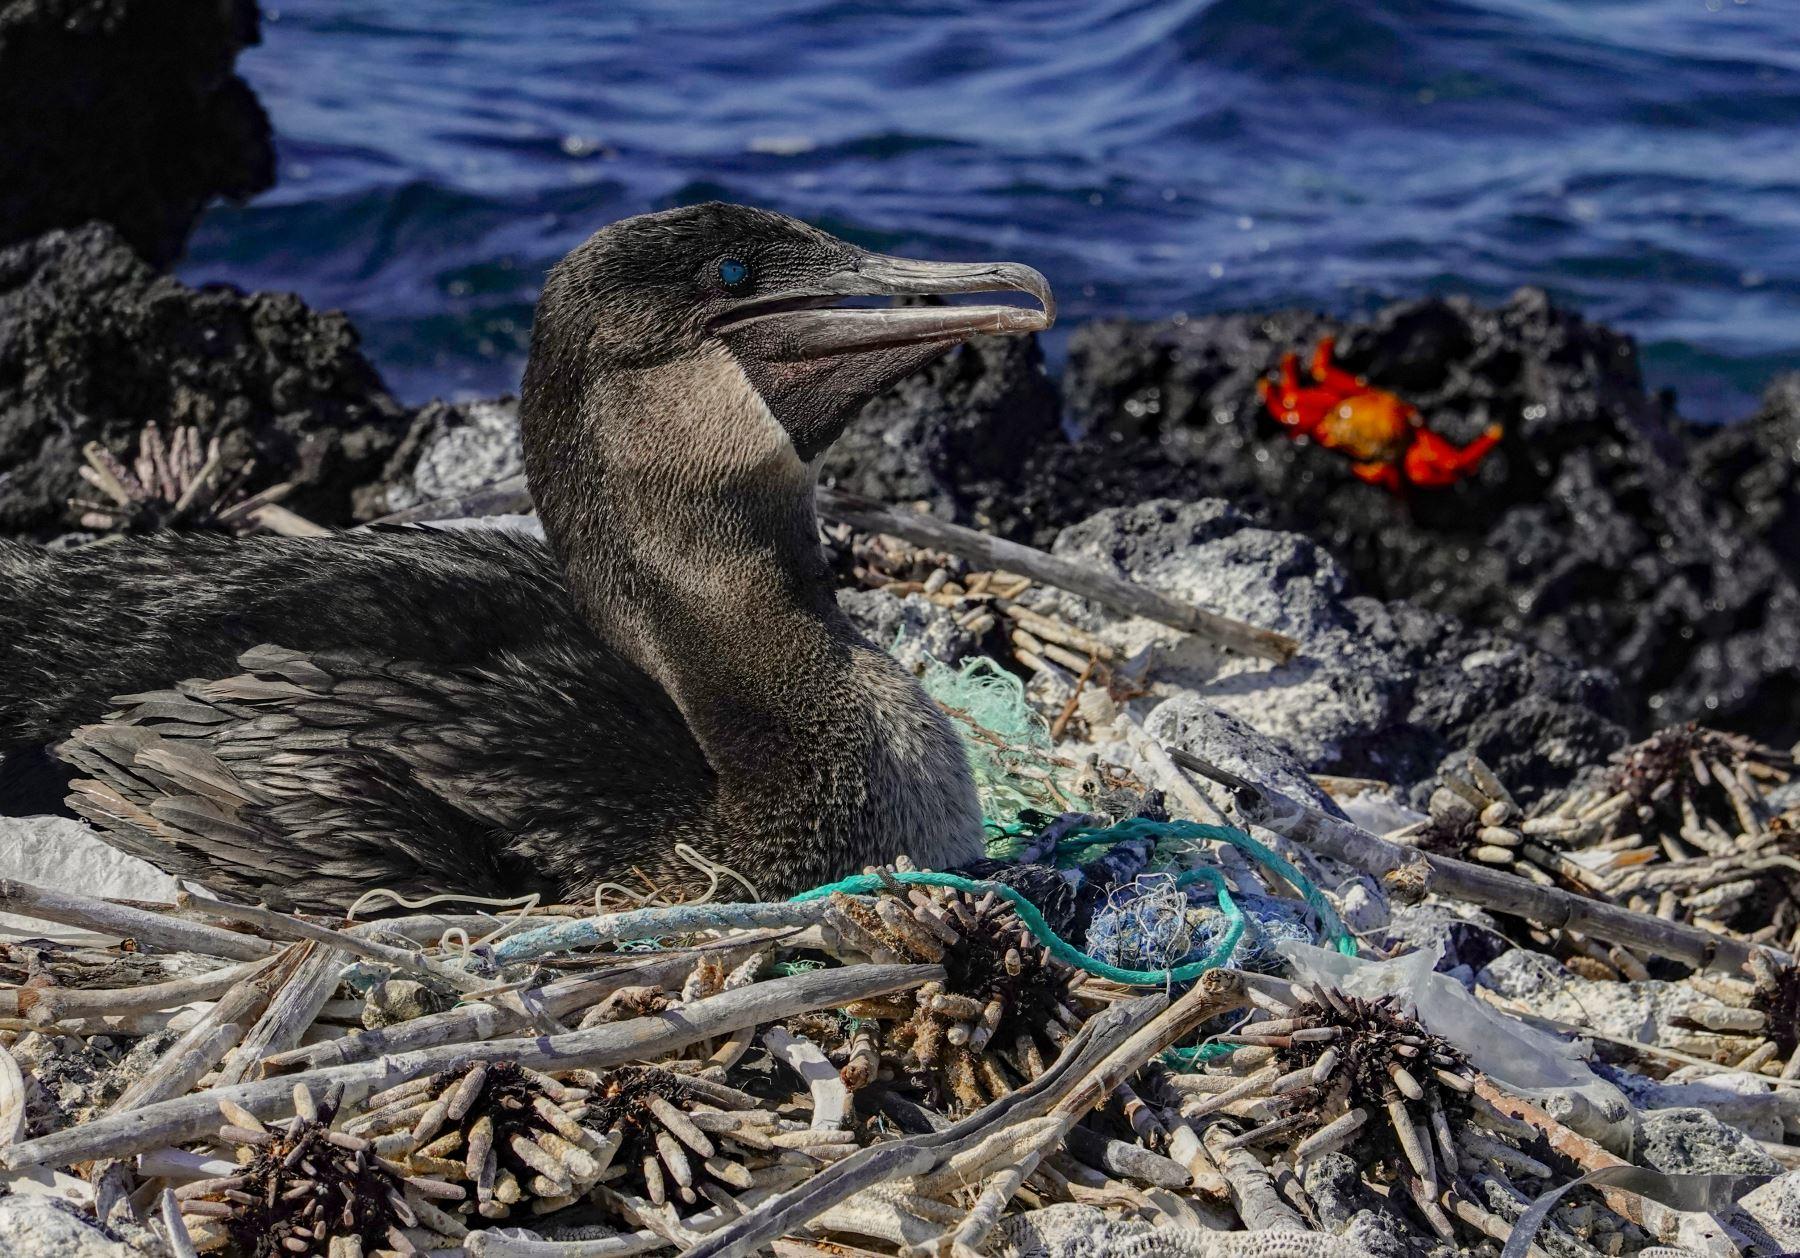 Un cormorán no volador (Nannopterum harrisi) se sienta en su nido rodeado de basura en la costa de la Isla Isabela en el Archipiélago de Galápagos en el Océano Pacífico, a 1000 km de la costa de Ecuador.Foto:AFP